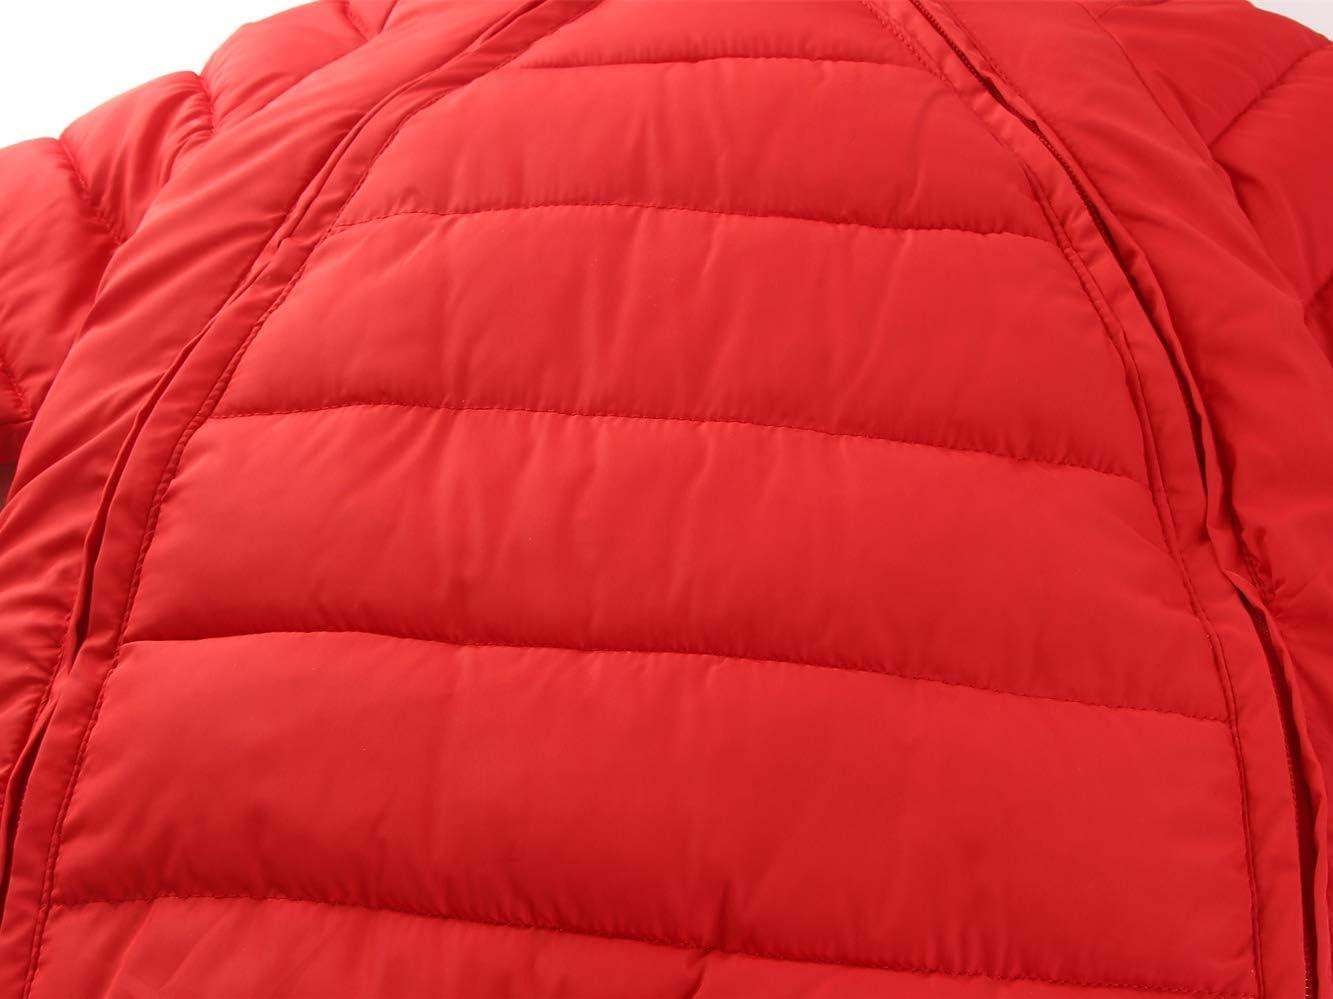 Combinaison de Neige B/éb/é Hiver Barboteuses /à Capuche Duvet Manteau Doudoune Jumpsuit 6-12 Mois